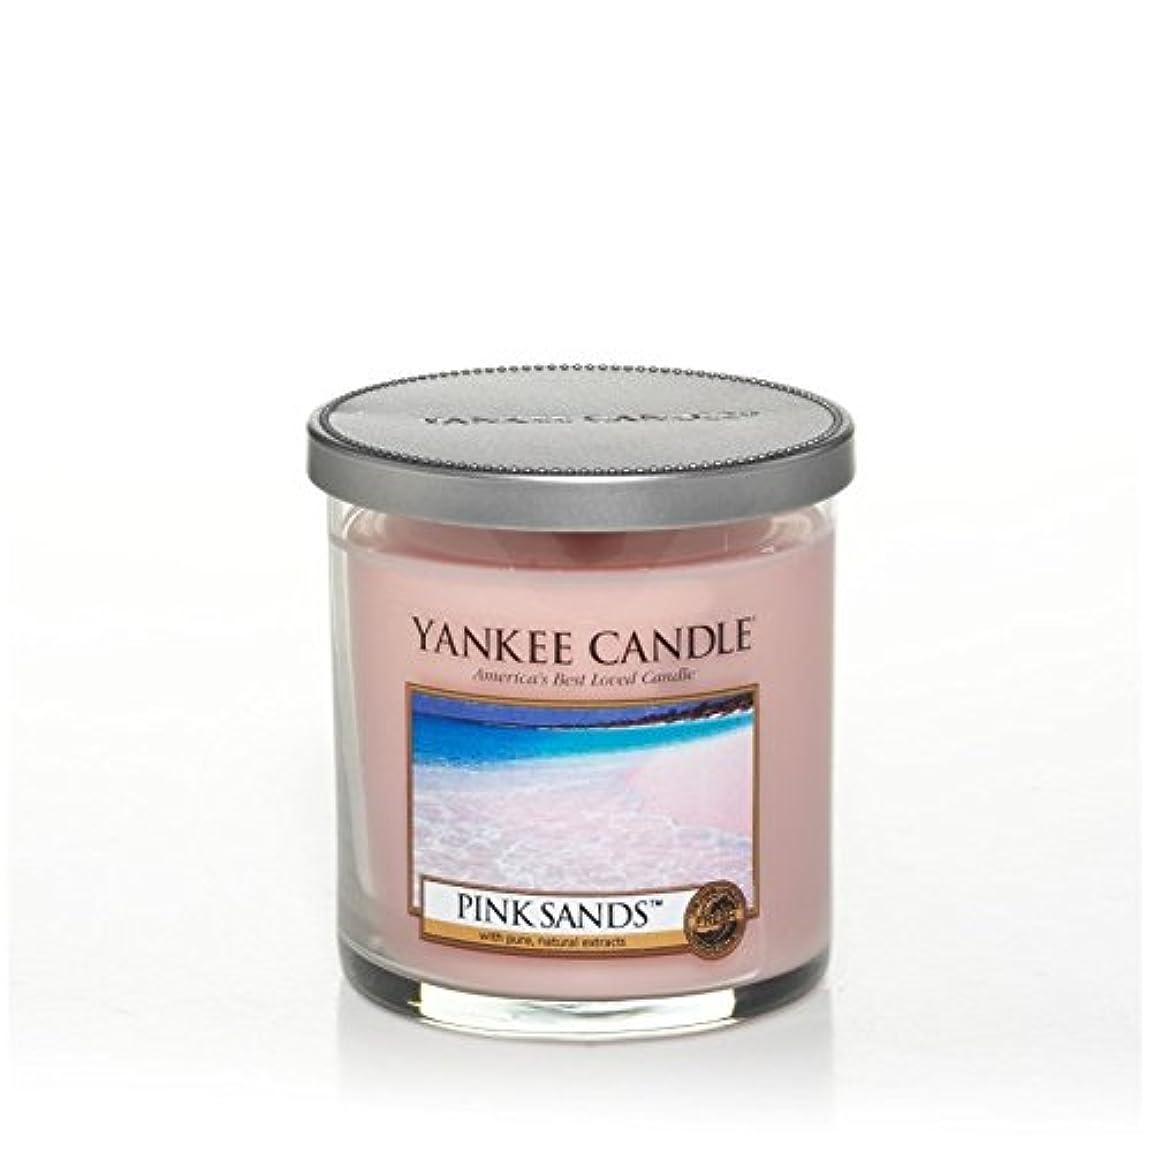 びっくりしたチップ目覚めるYankee Candles Small Pillar Candle - Pink Sands? (Pack of 2) - ヤンキーキャンドルの小さな柱キャンドル - ピンクの砂? (x2) [並行輸入品]